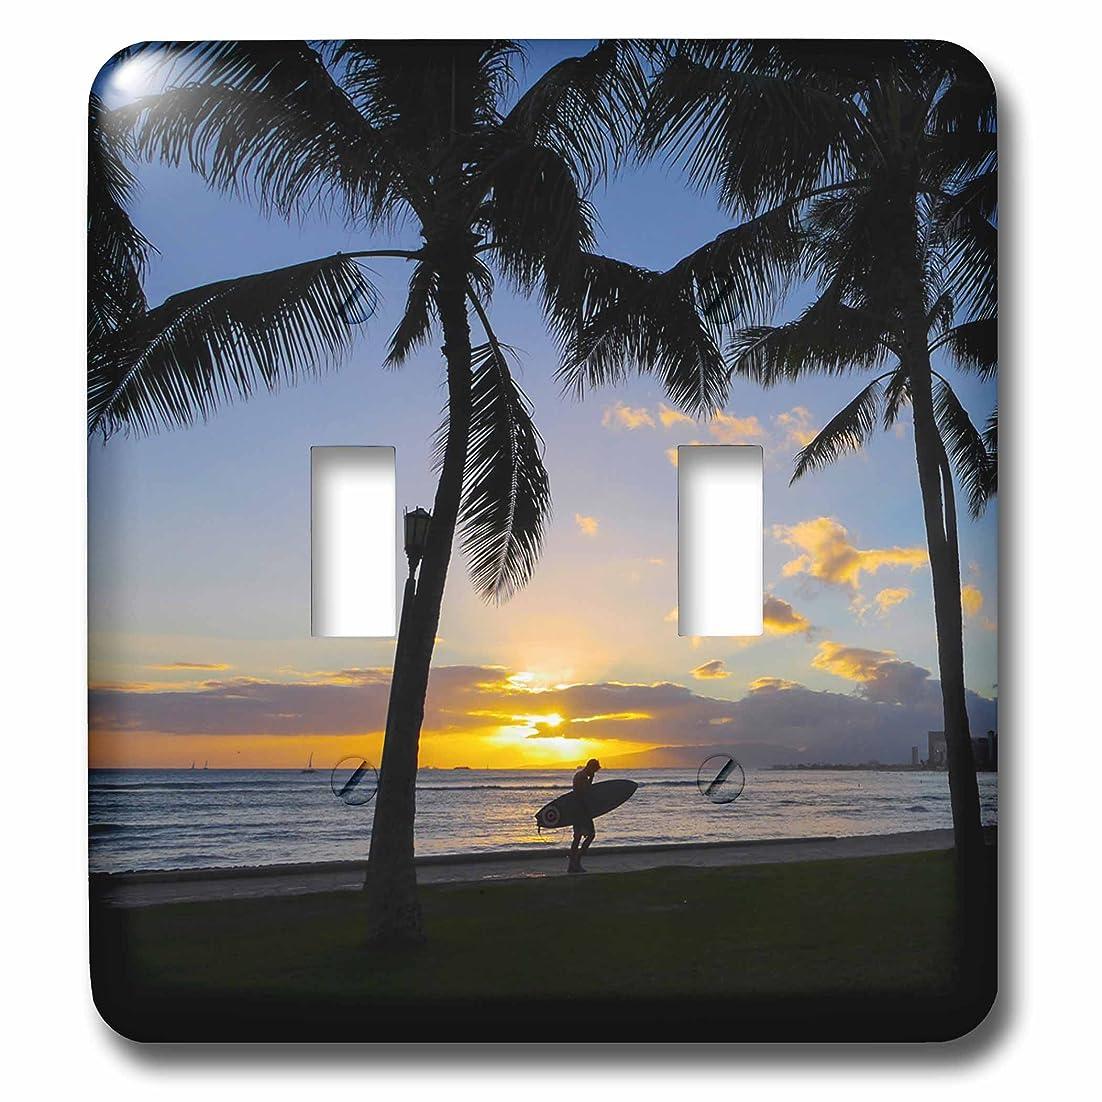 映画ポスター故意の3dローズLSP _ 230691?_ 2サンセット、ワイキキ、オアフ島、ハワイダブル切り替えスイッチ